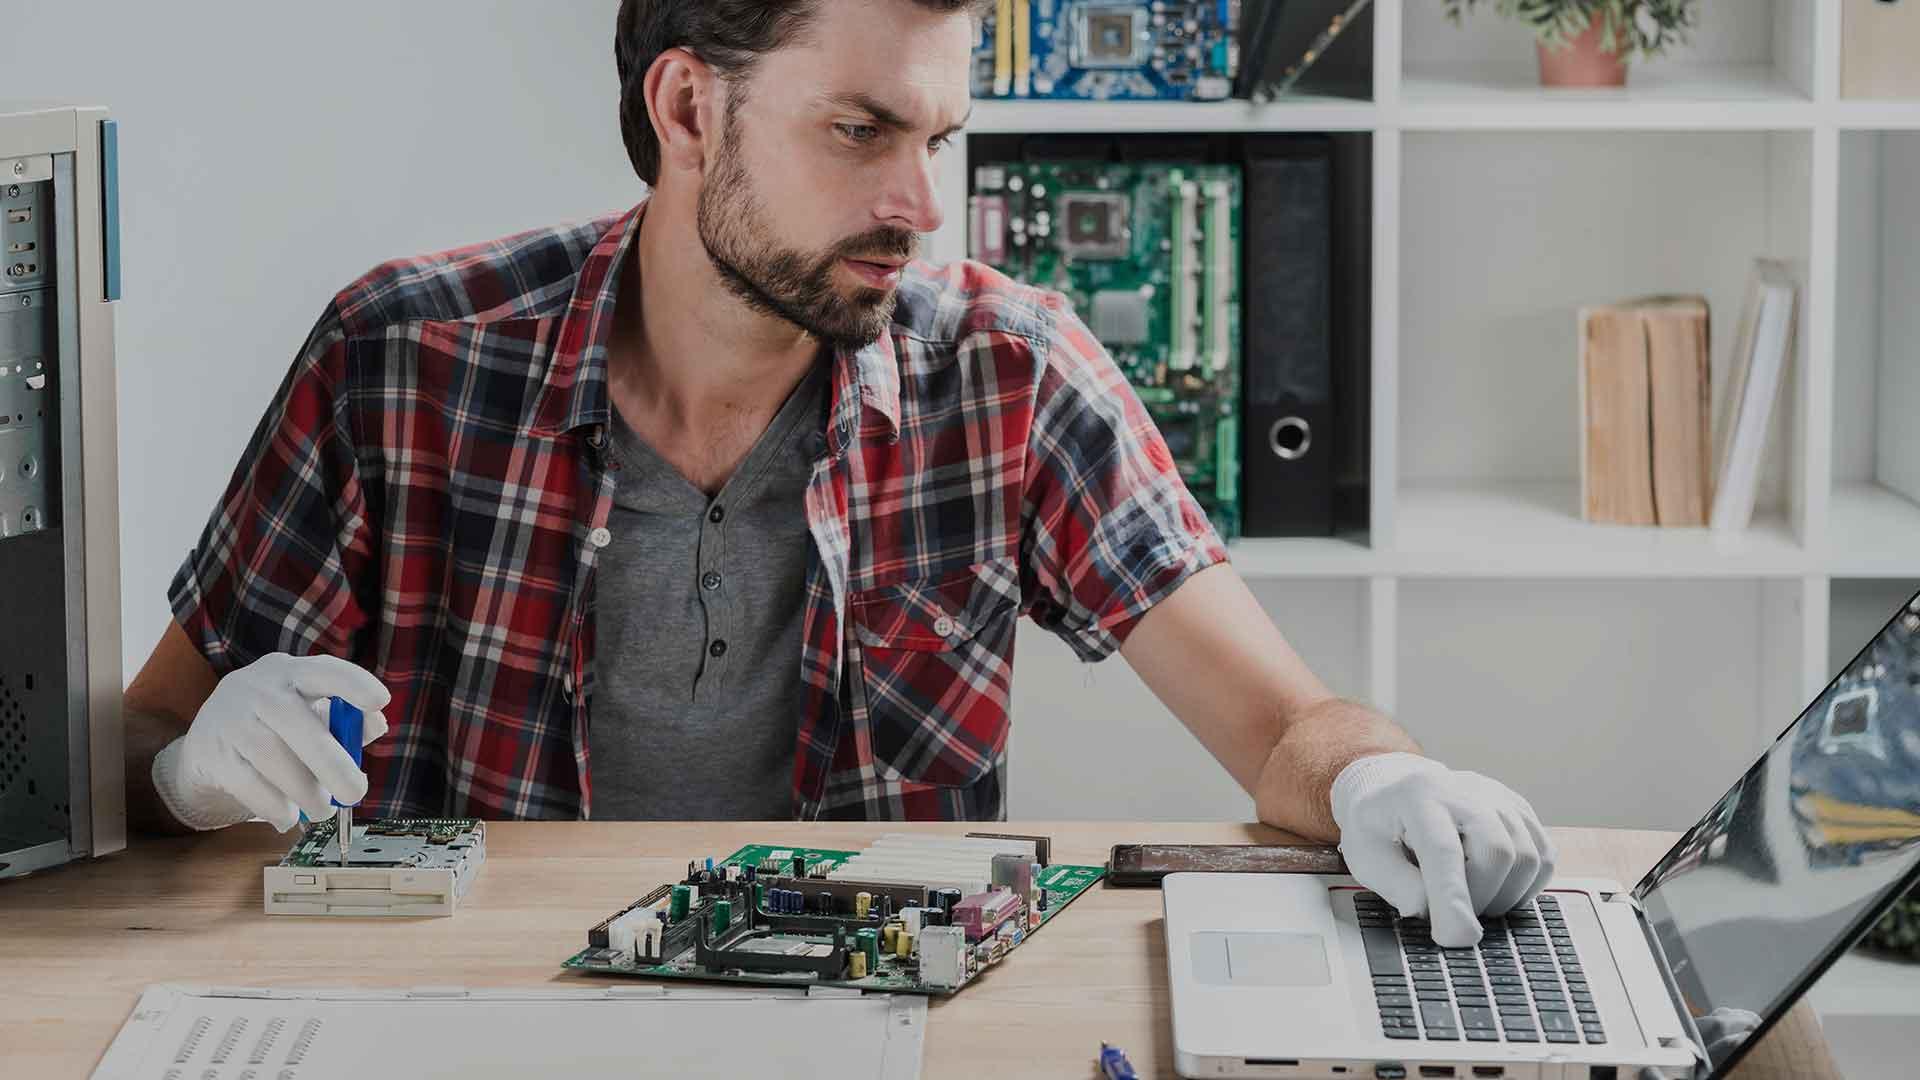 Formateo y mantenimiento de computadoras